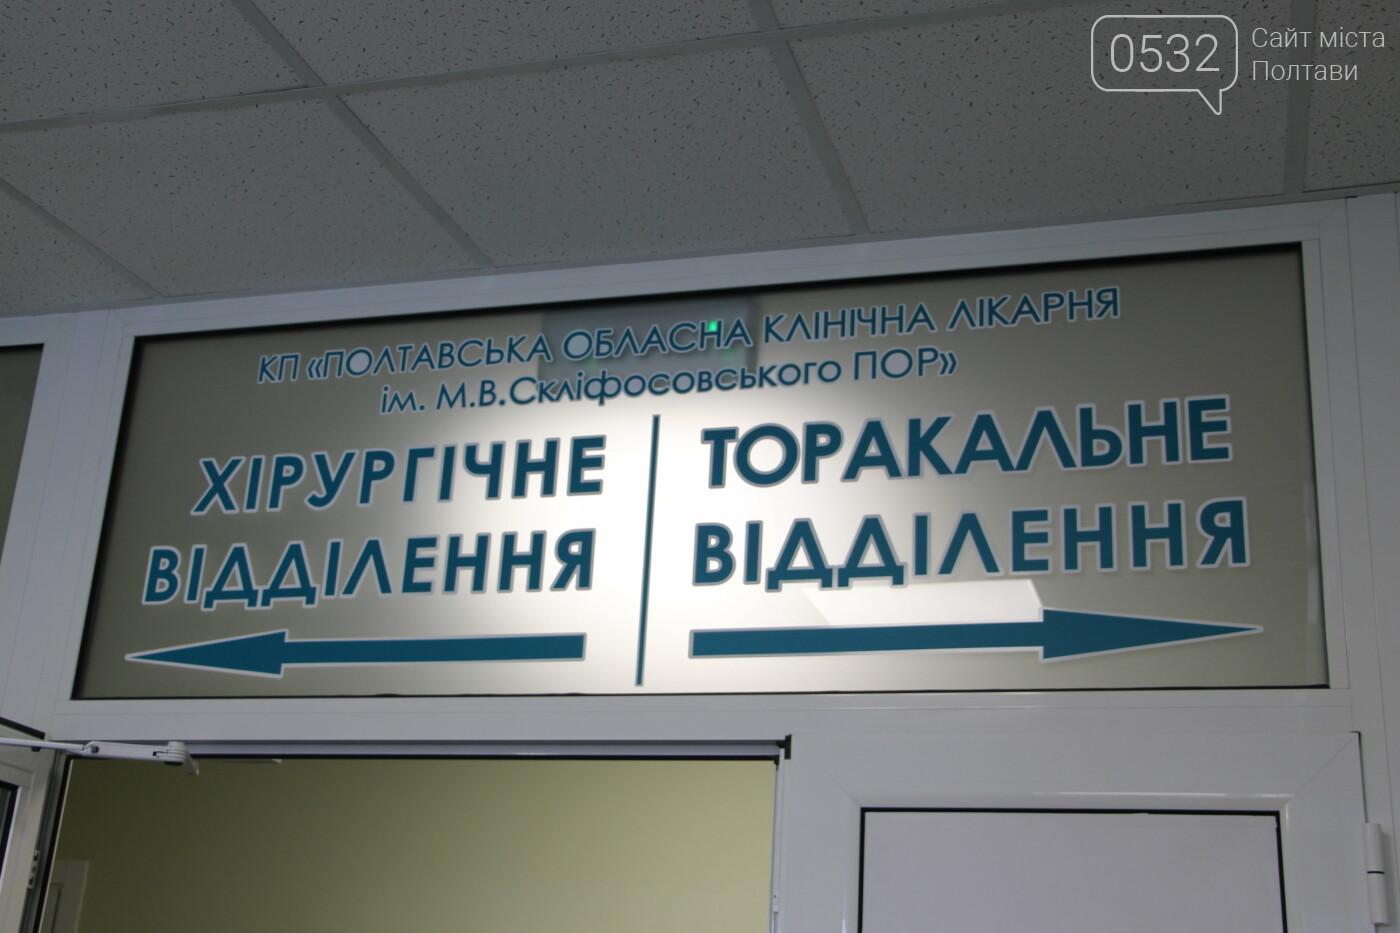 У Полтаві відкрили два відділення обласної лікарні, відремонтовані за 36 мільйонів (ФОТО, ВІДЕО), фото-1